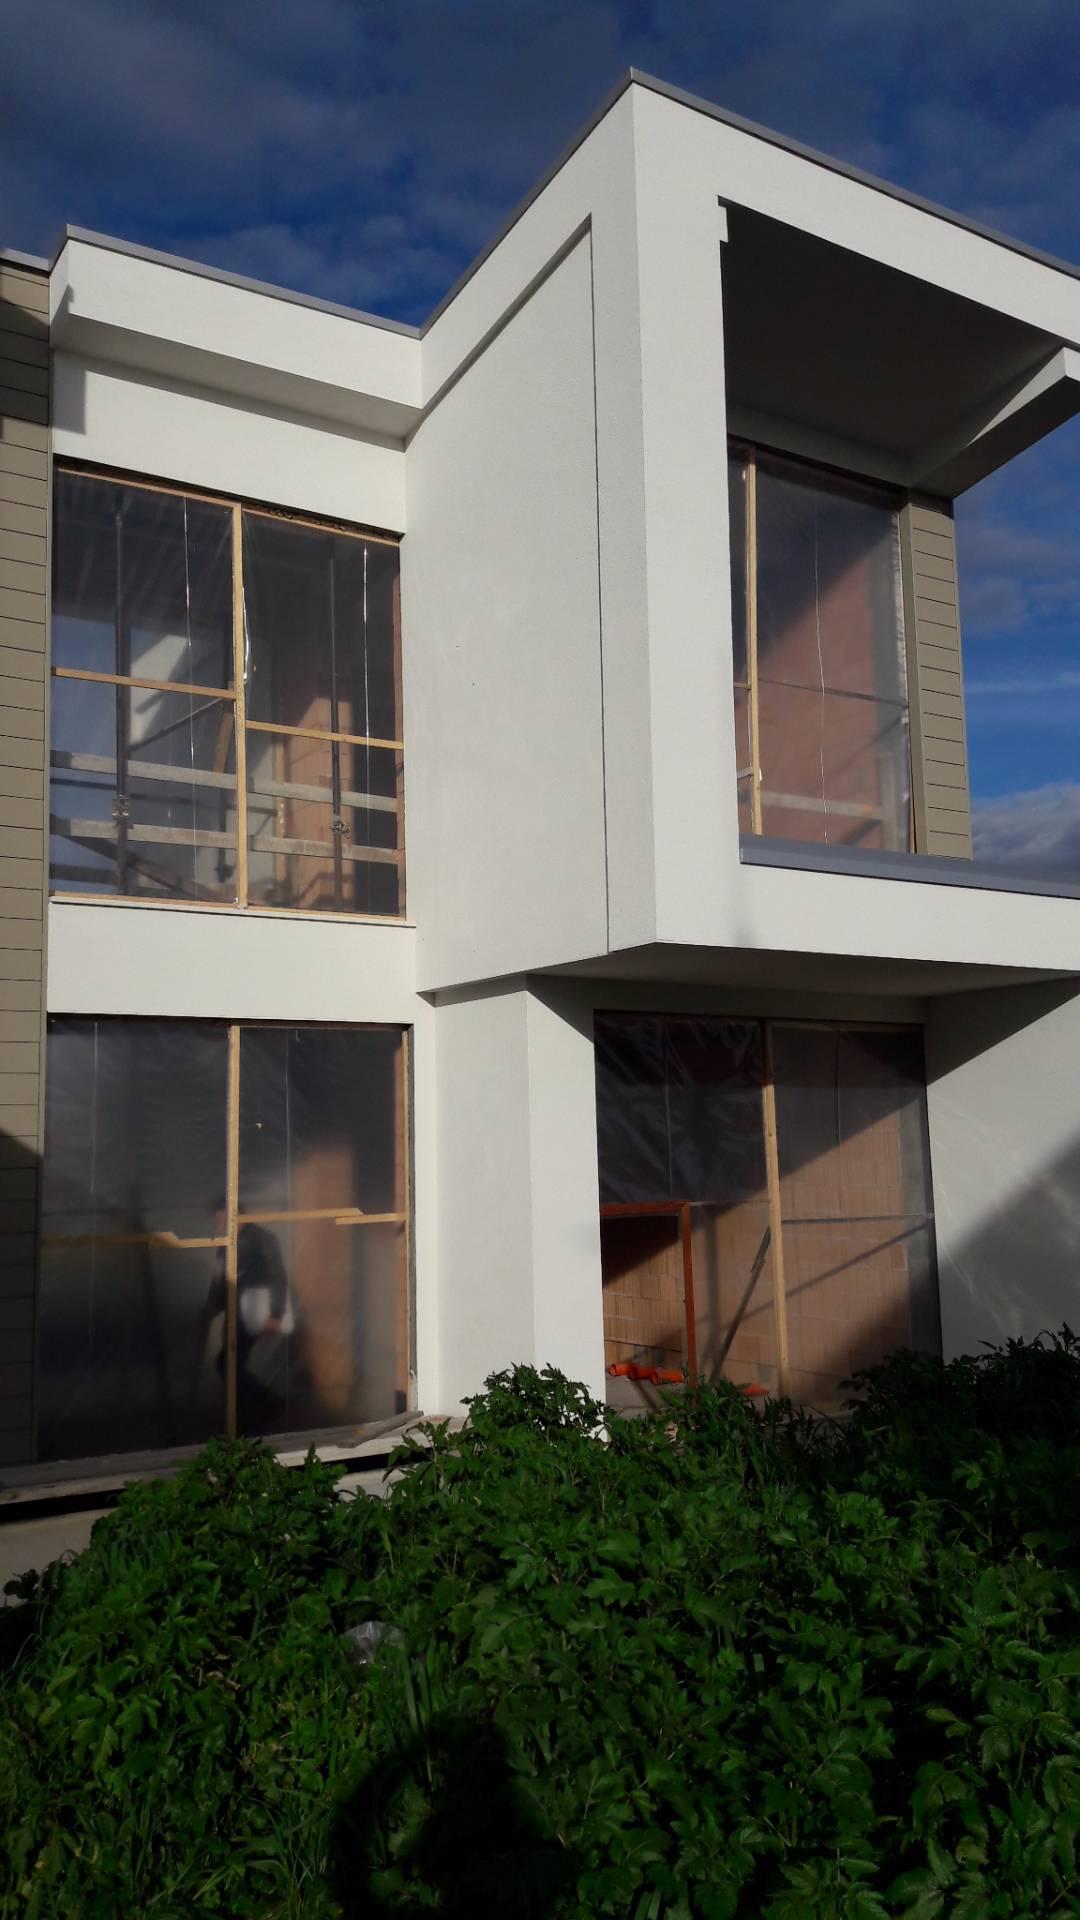 Villa in vendita a Cesena, 7 locali, zona Località: RioMarano, prezzo € 570.000 | CambioCasa.it